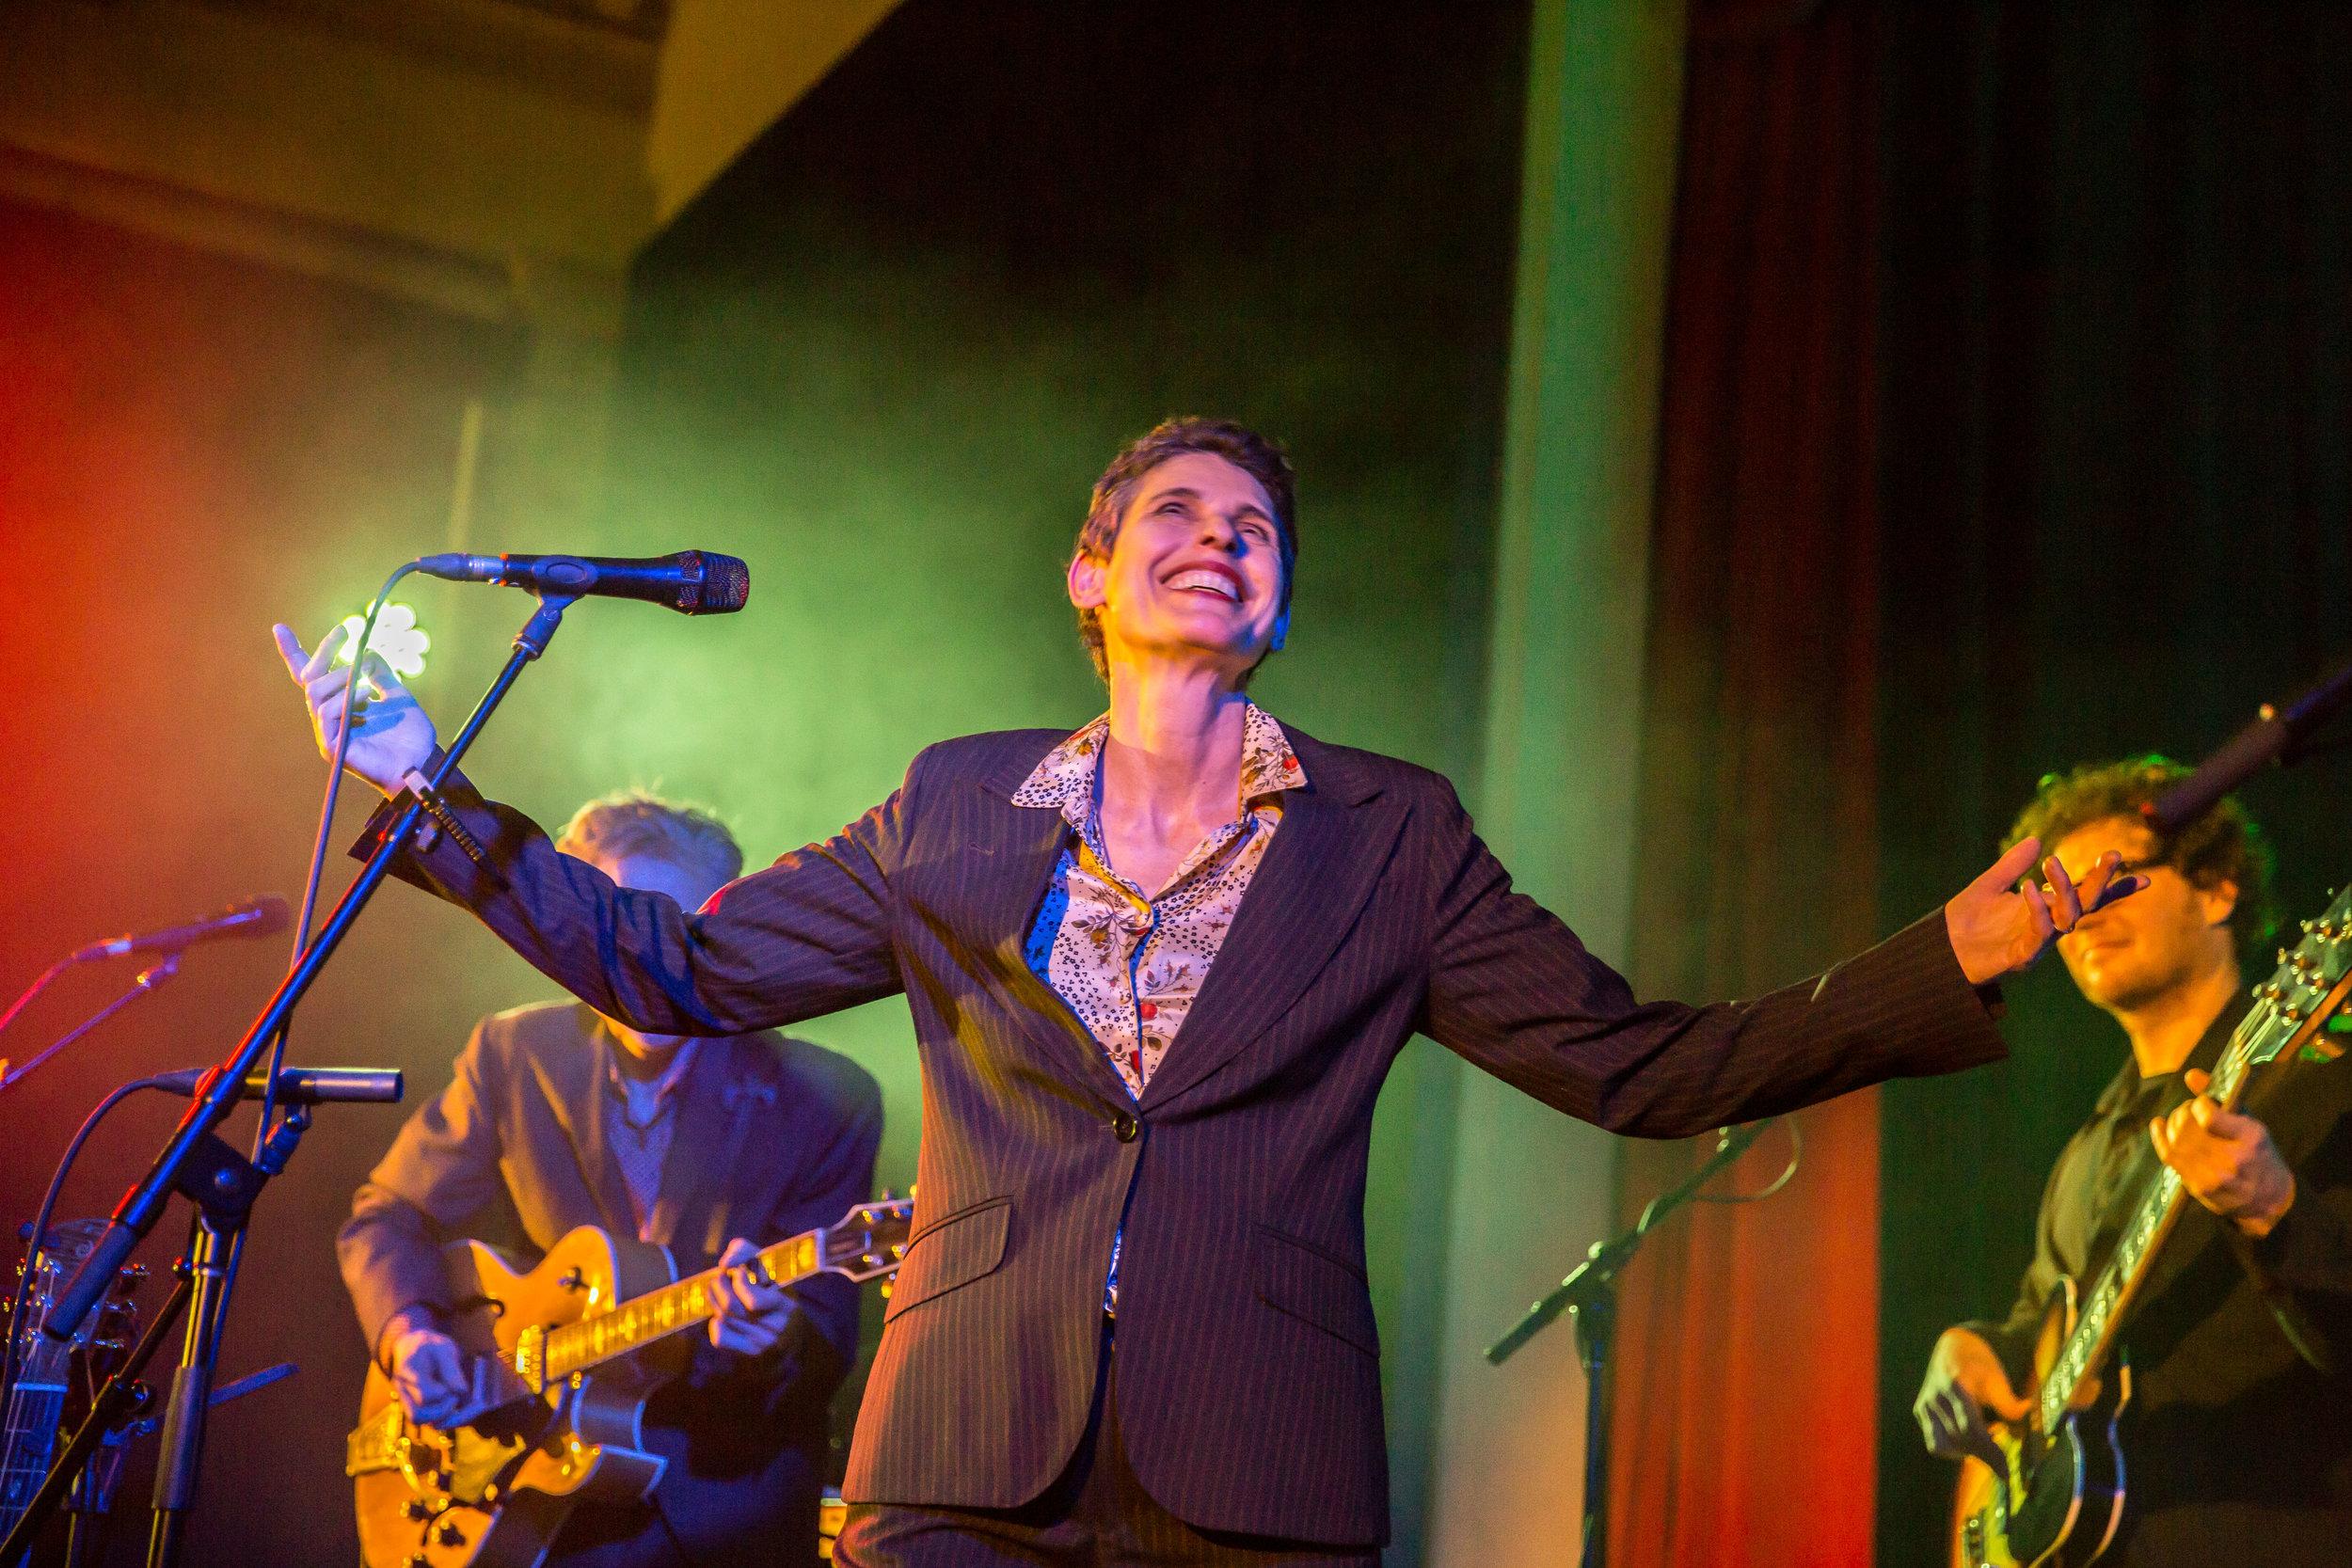 Deborah Conway, image by David Harris